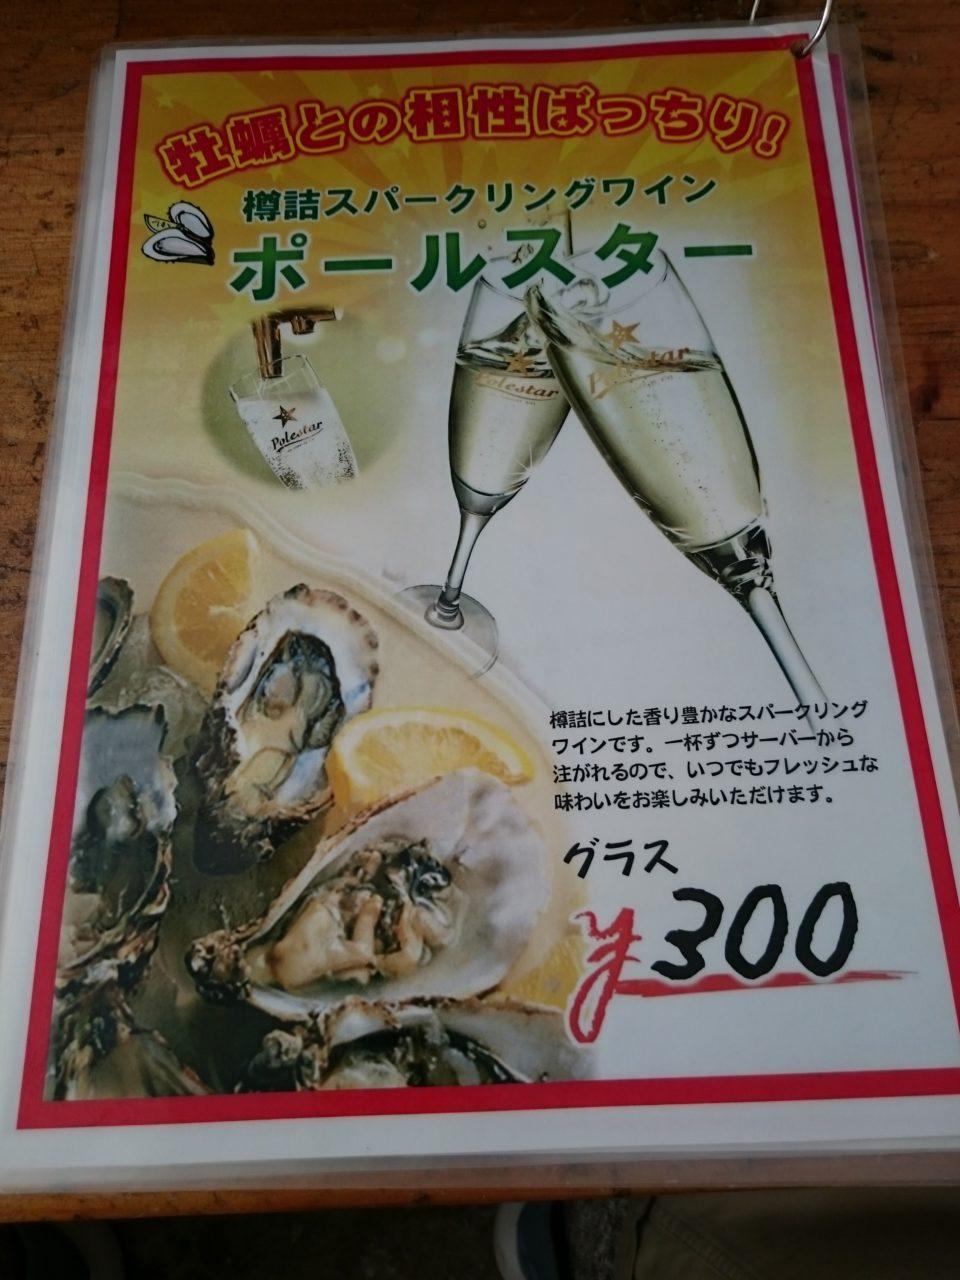 服部屋 スパークリングワイン